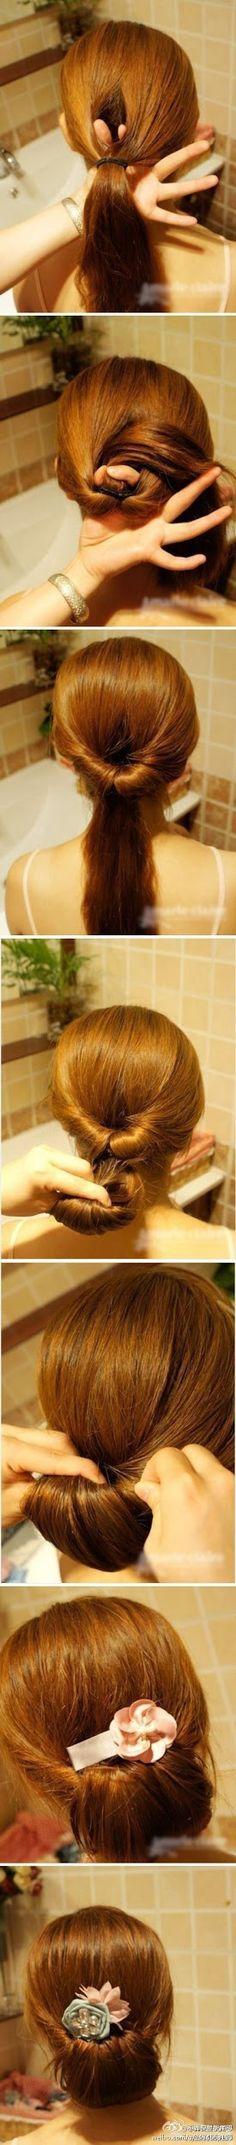 hairstyles tutorial: DIY